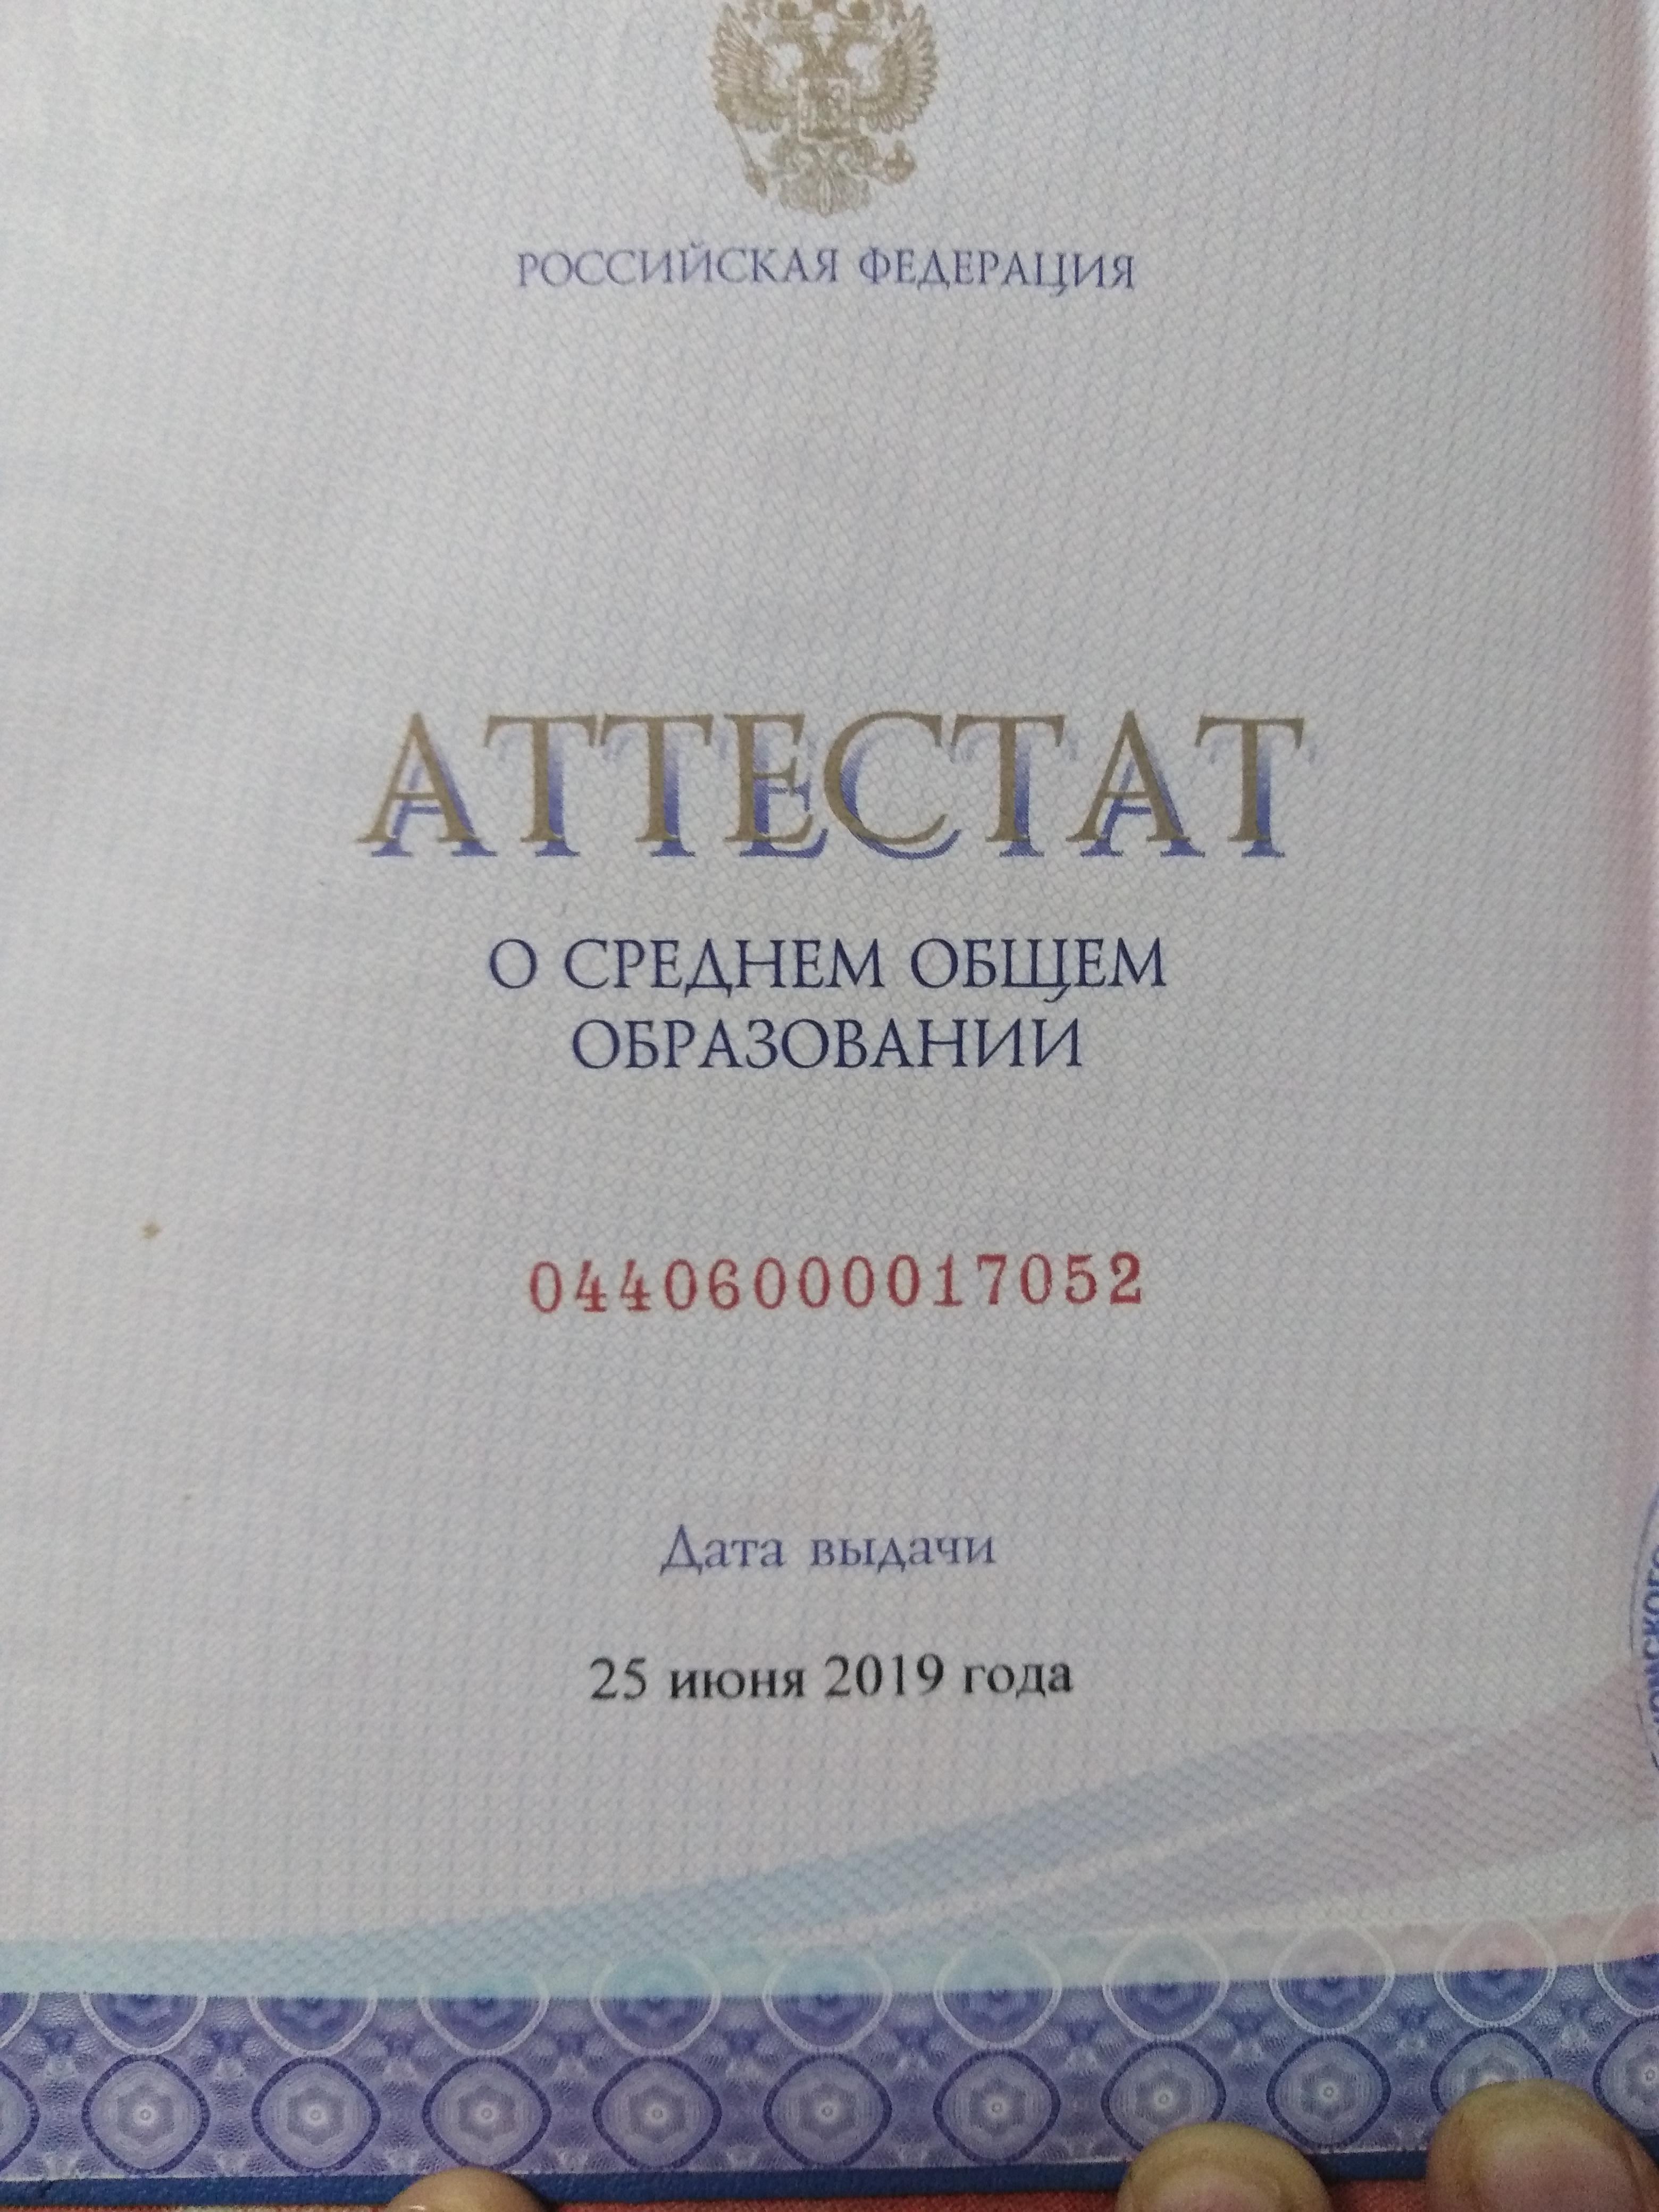 Виды аттестатов и дипломов. серия документа и его номер: как узнать, где они находятся